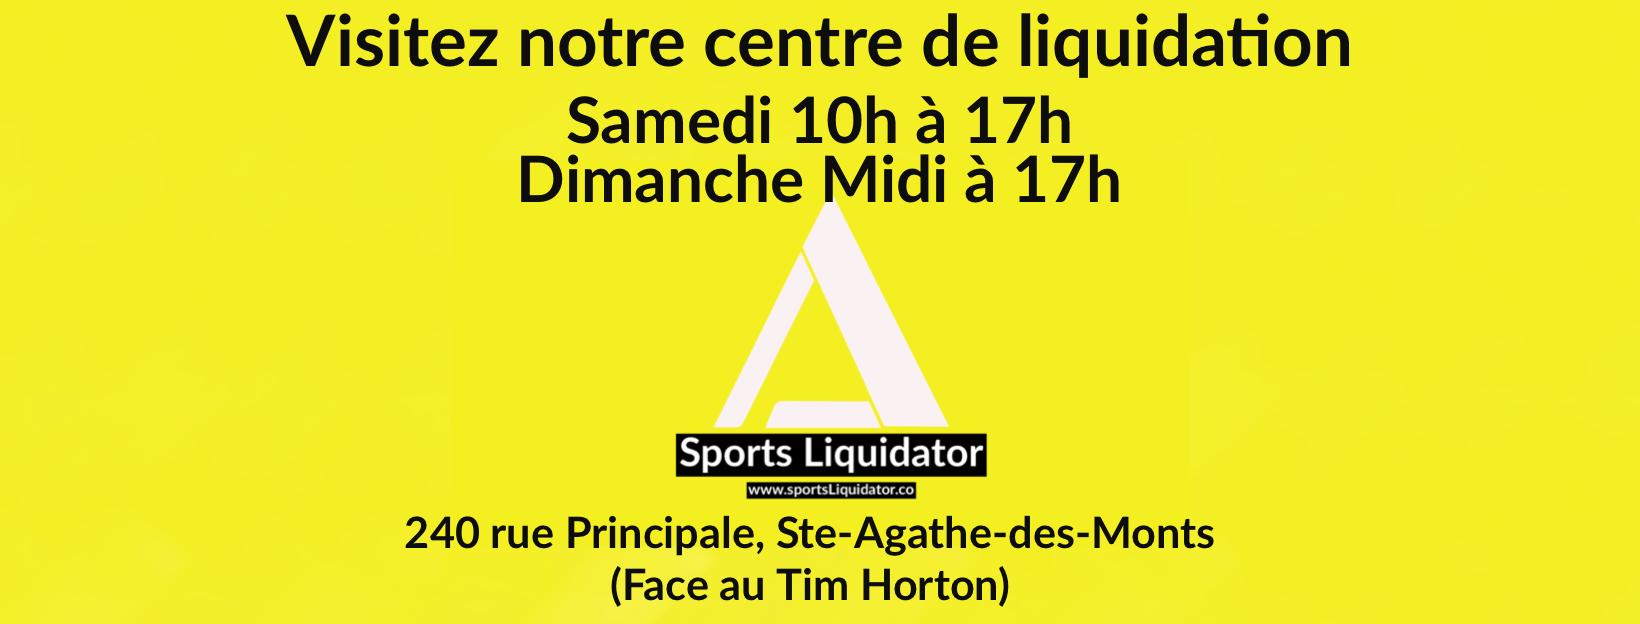 Sport liquidateur